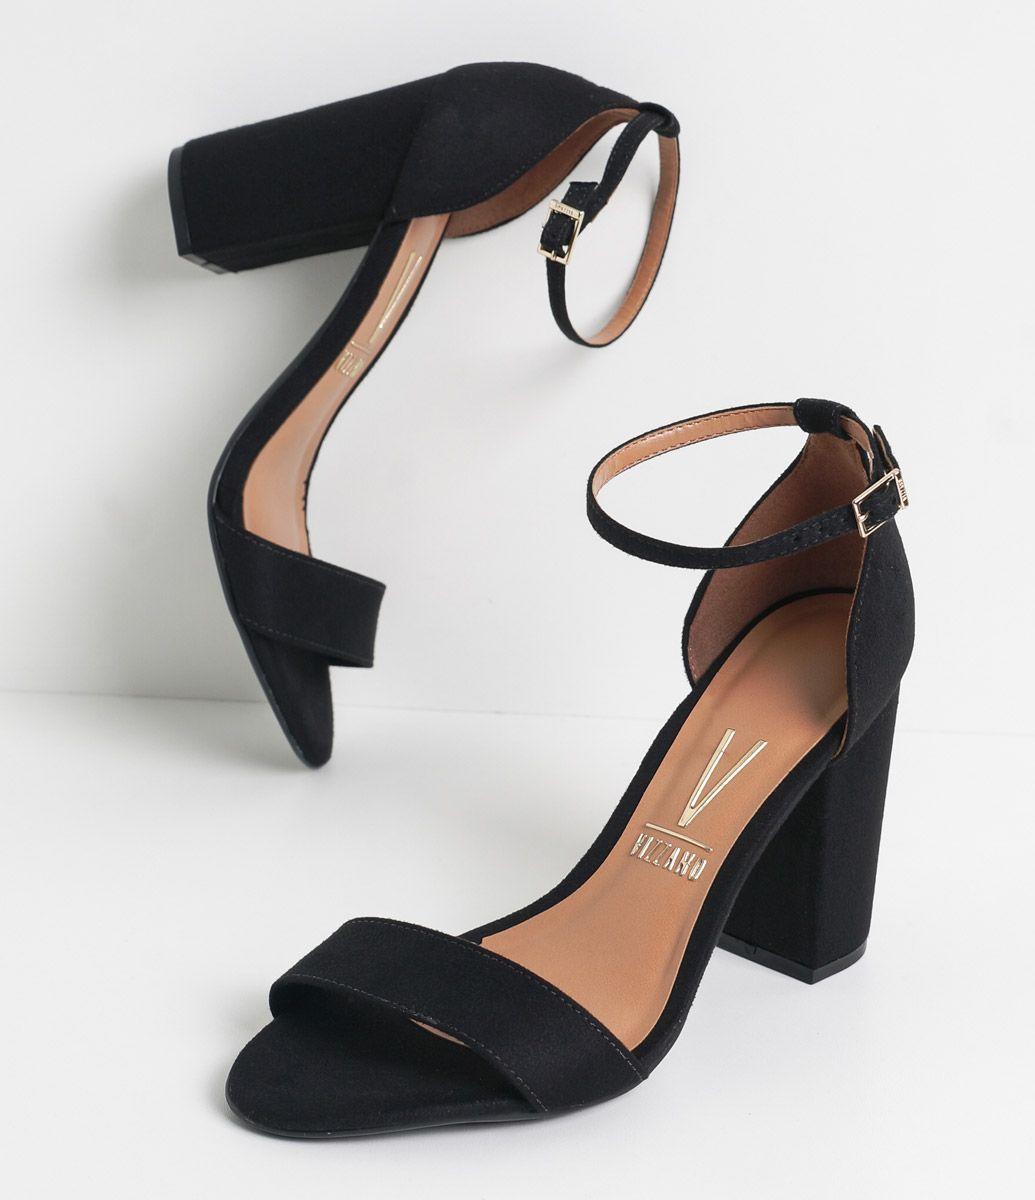 4fa46c874 Sandália feminina Material: sintético Salto grosso Marca: Vizzano COLEÇÃO  VERÃO 2017 Veja outras opções de sandálias femininas. Sobre…